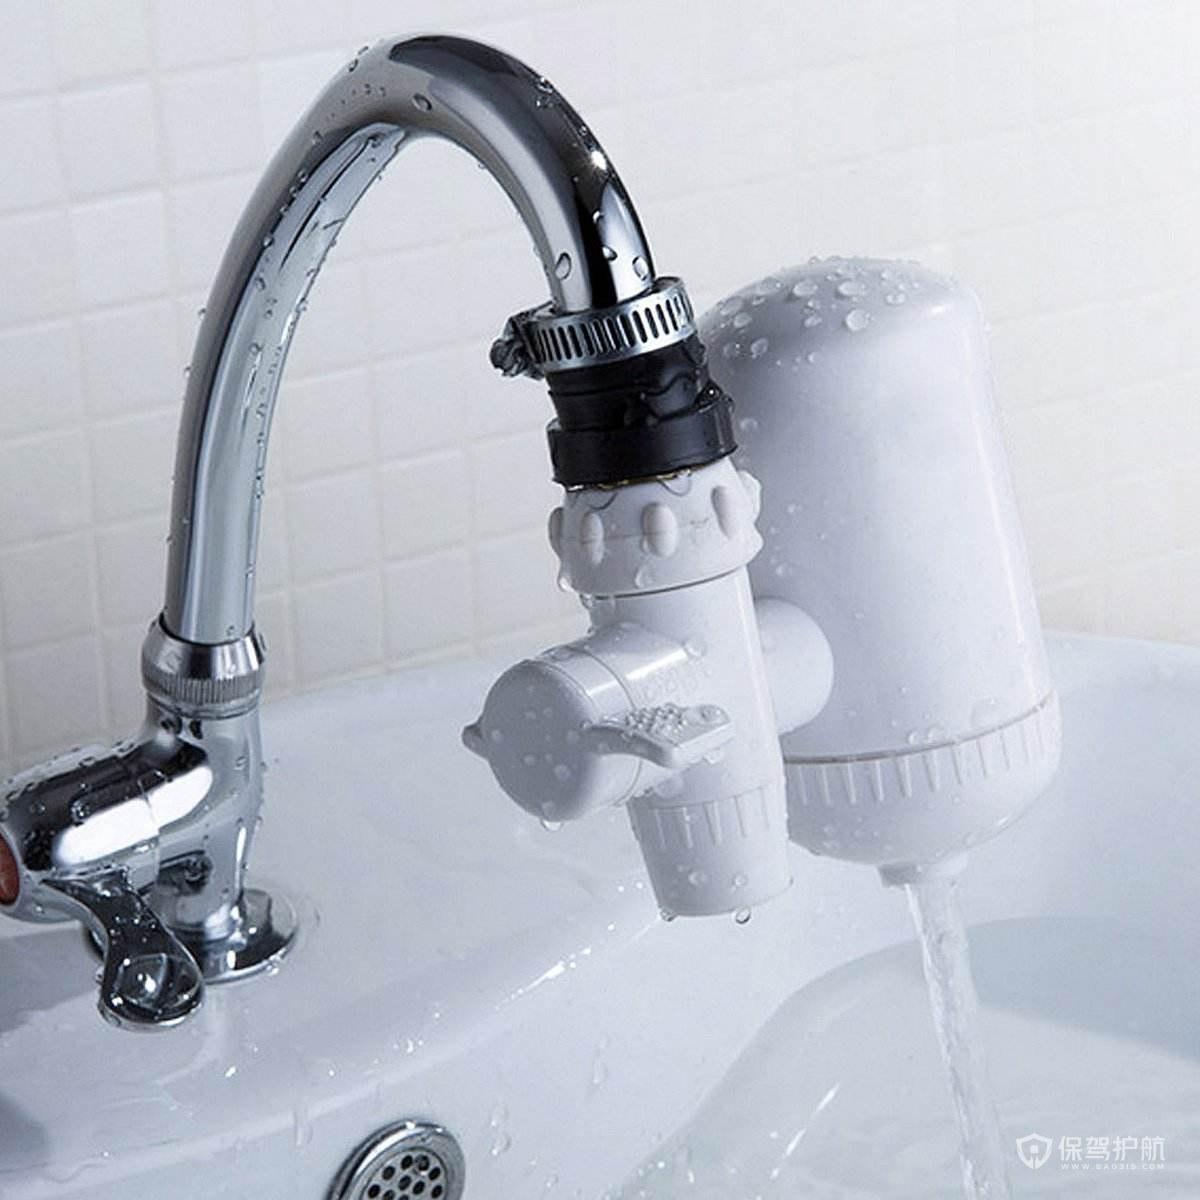 水龍頭過濾器好不好?水龍頭過濾器怎么選?